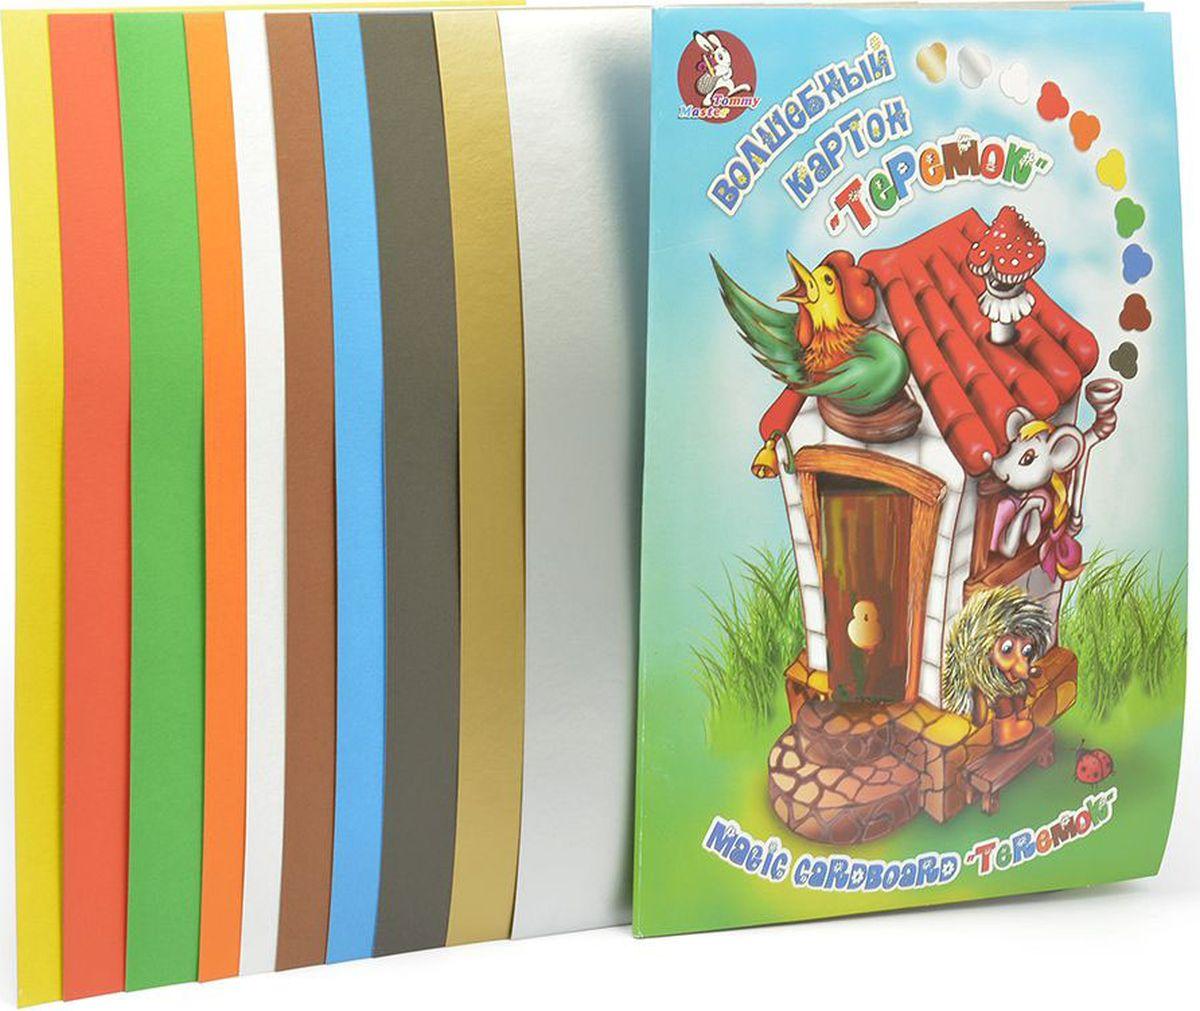 Палаццо Картон цветной Теремок 10 листов 10 цветовЦКВТ301Набор цветного картона Теремок формата А4. В набор входит картон из ярких разноцветных 10 листов.Прекрасно подходит для аппликаций и поделок. Идеален для занятий в детском саду, школе и дома.